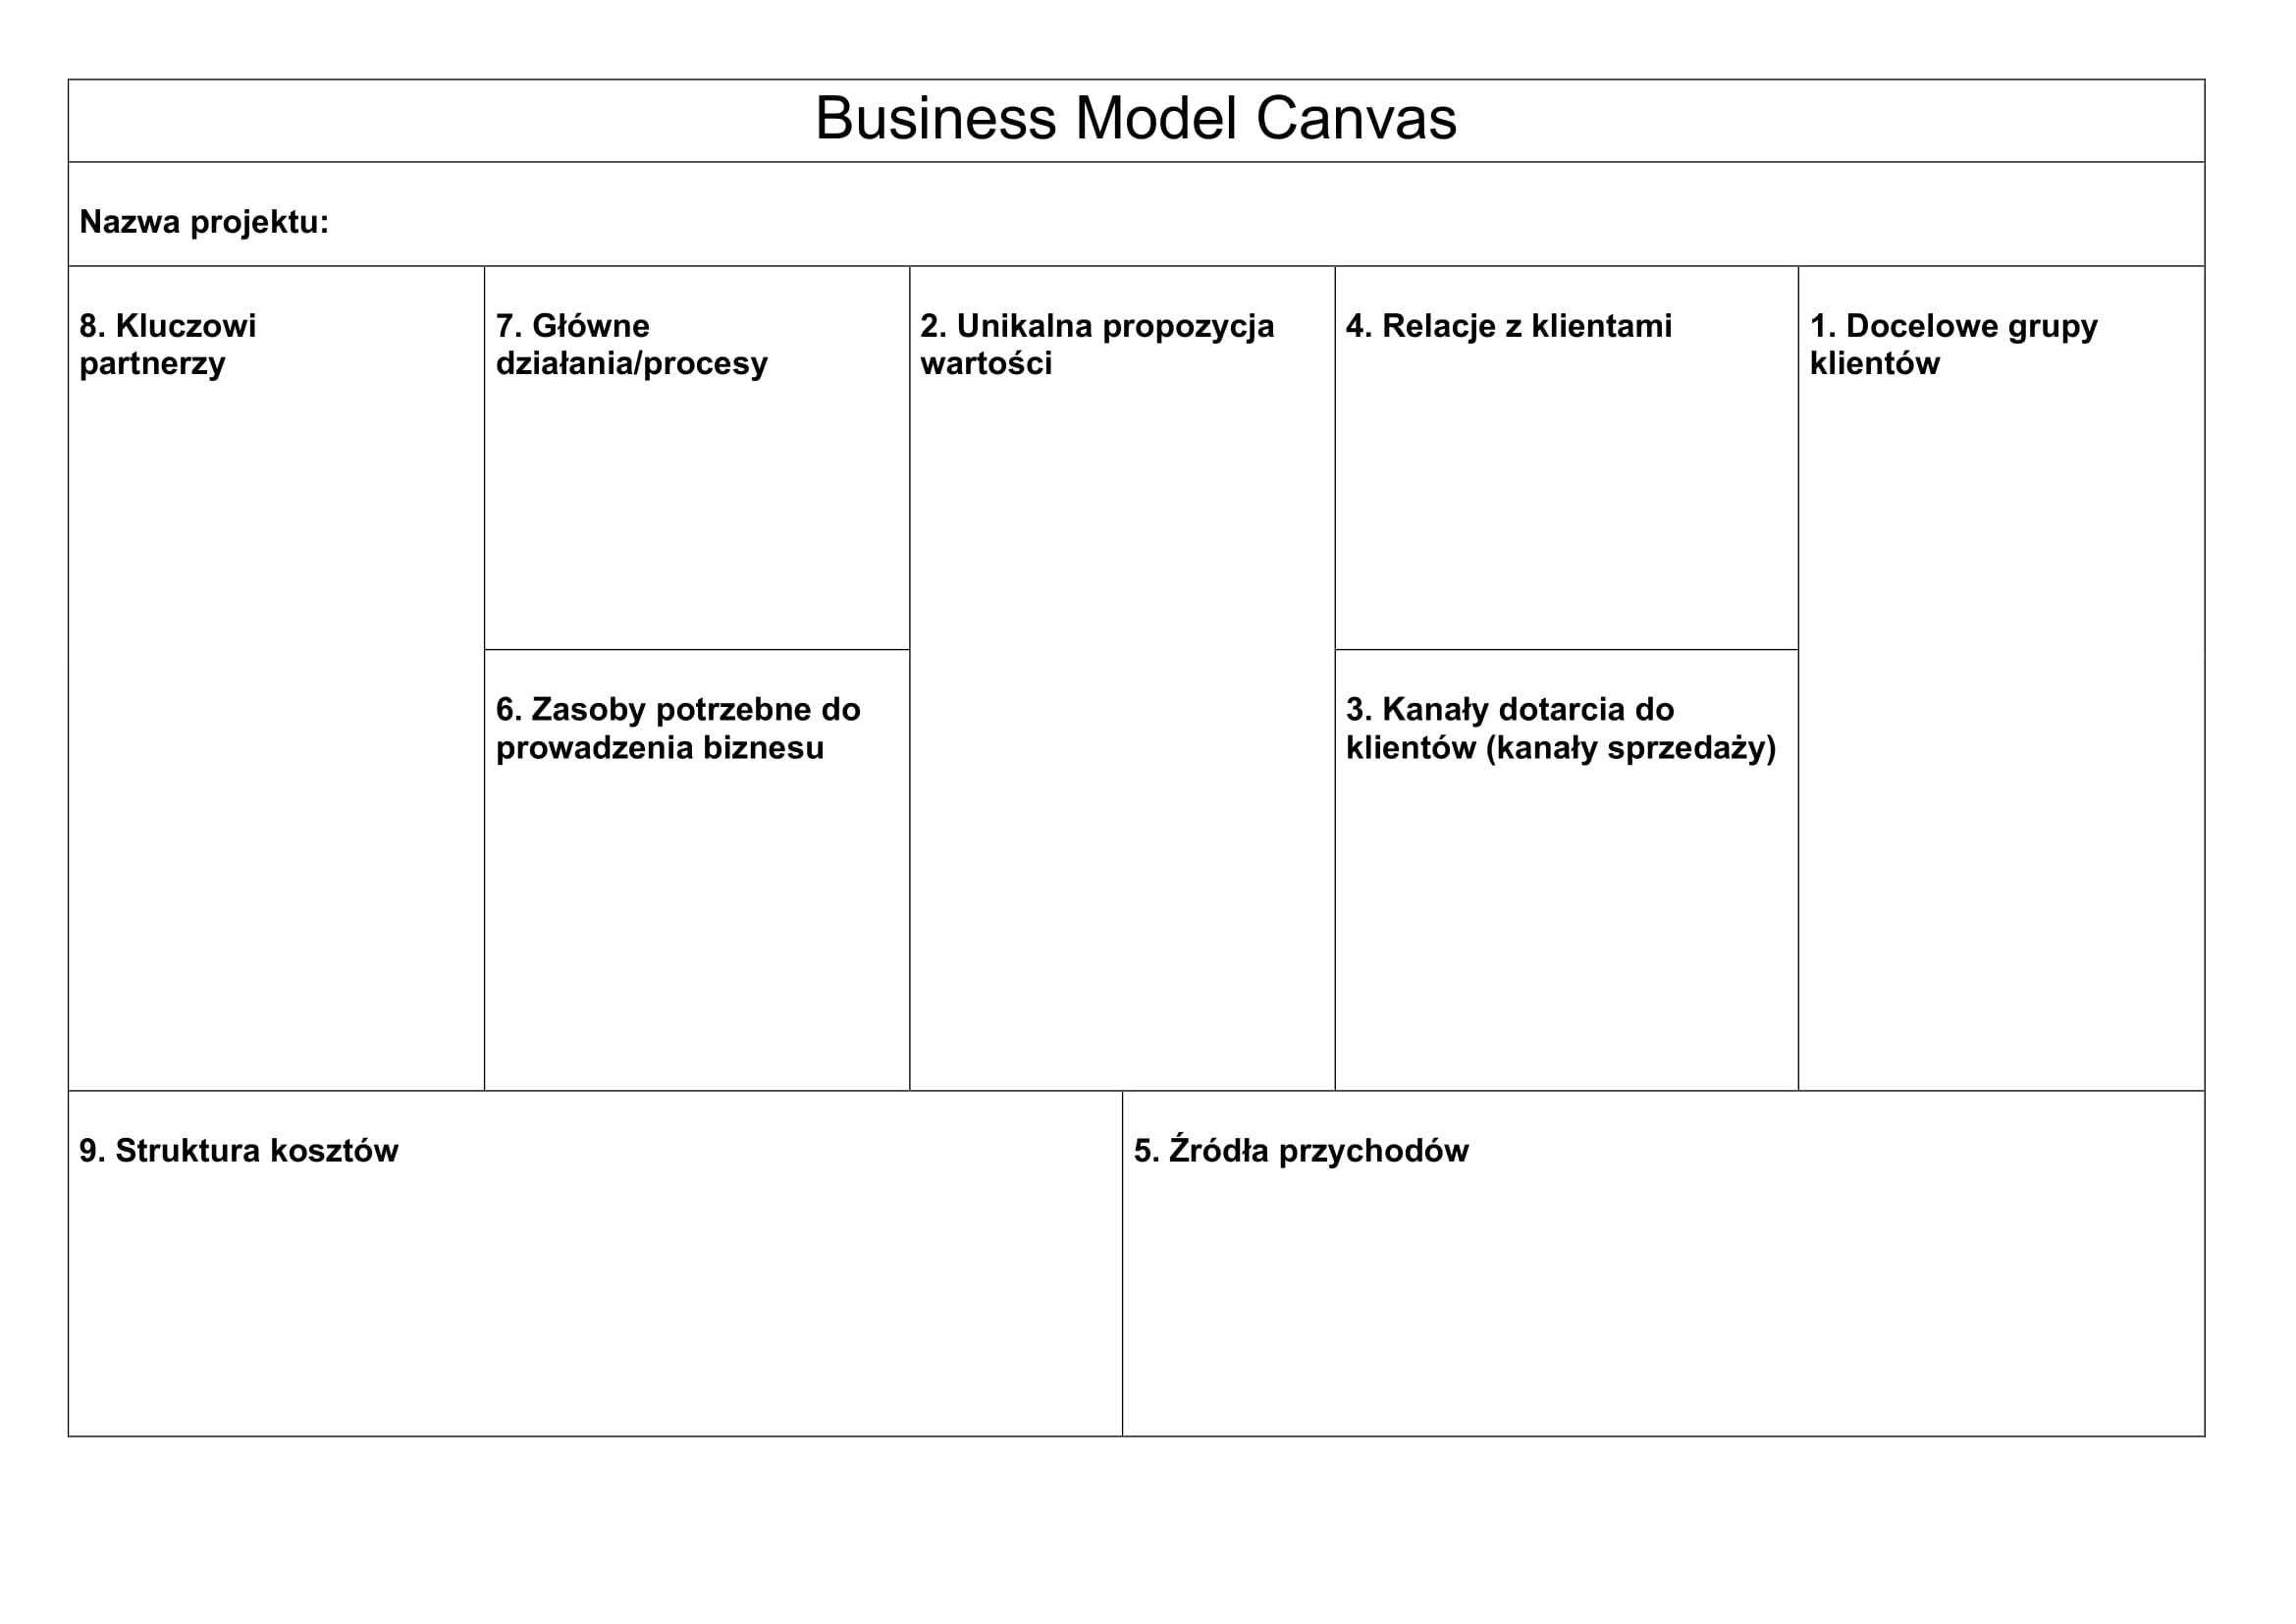 Czym jest Business Model Canvas?